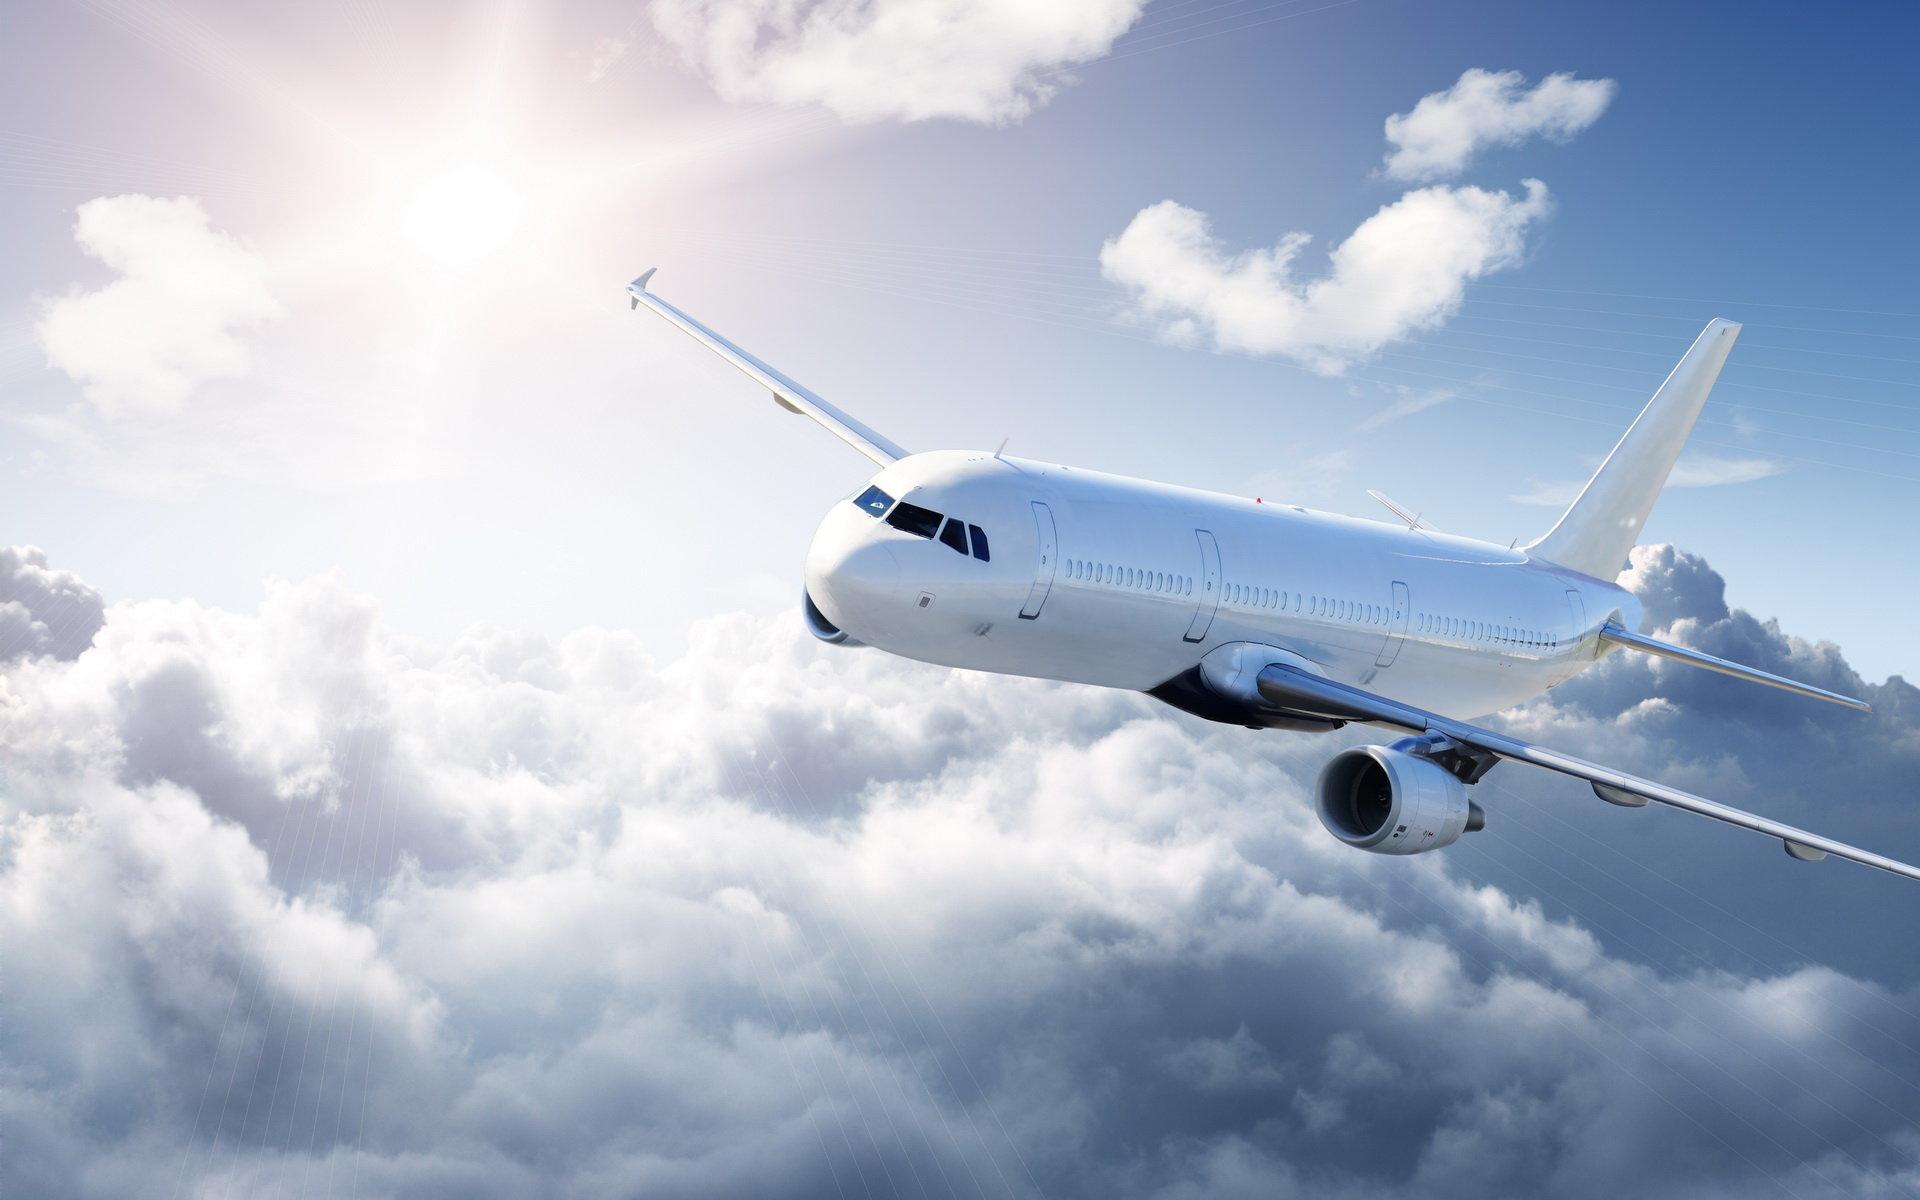 самолет, авиарейсы, авиация